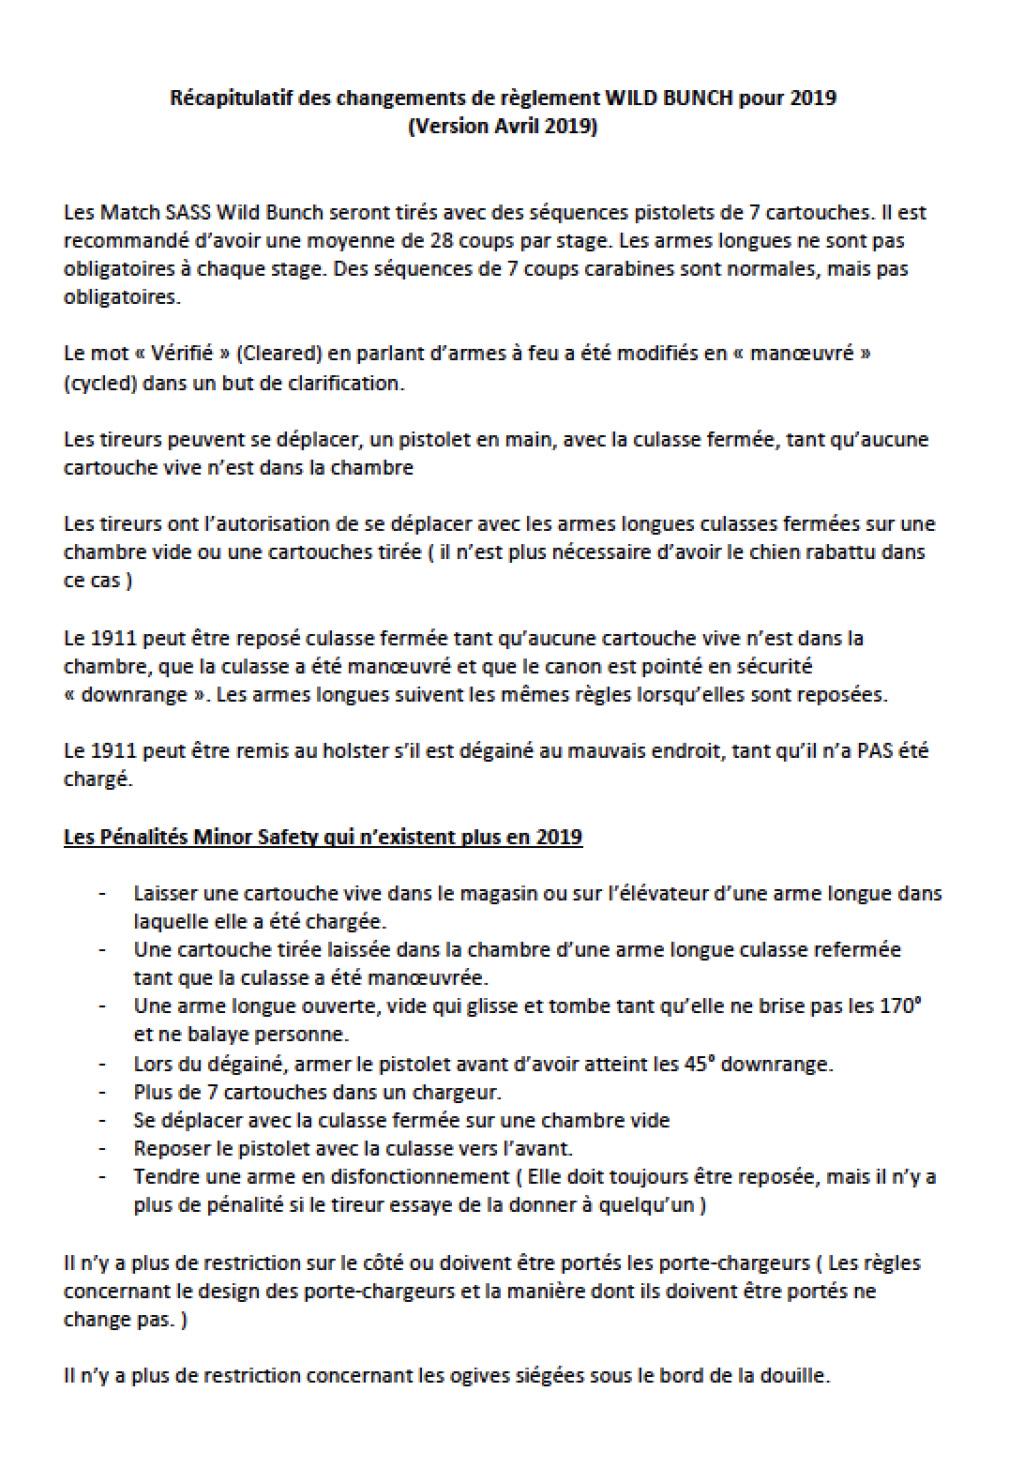 Nouvelles règles Wild Bunch Captur11